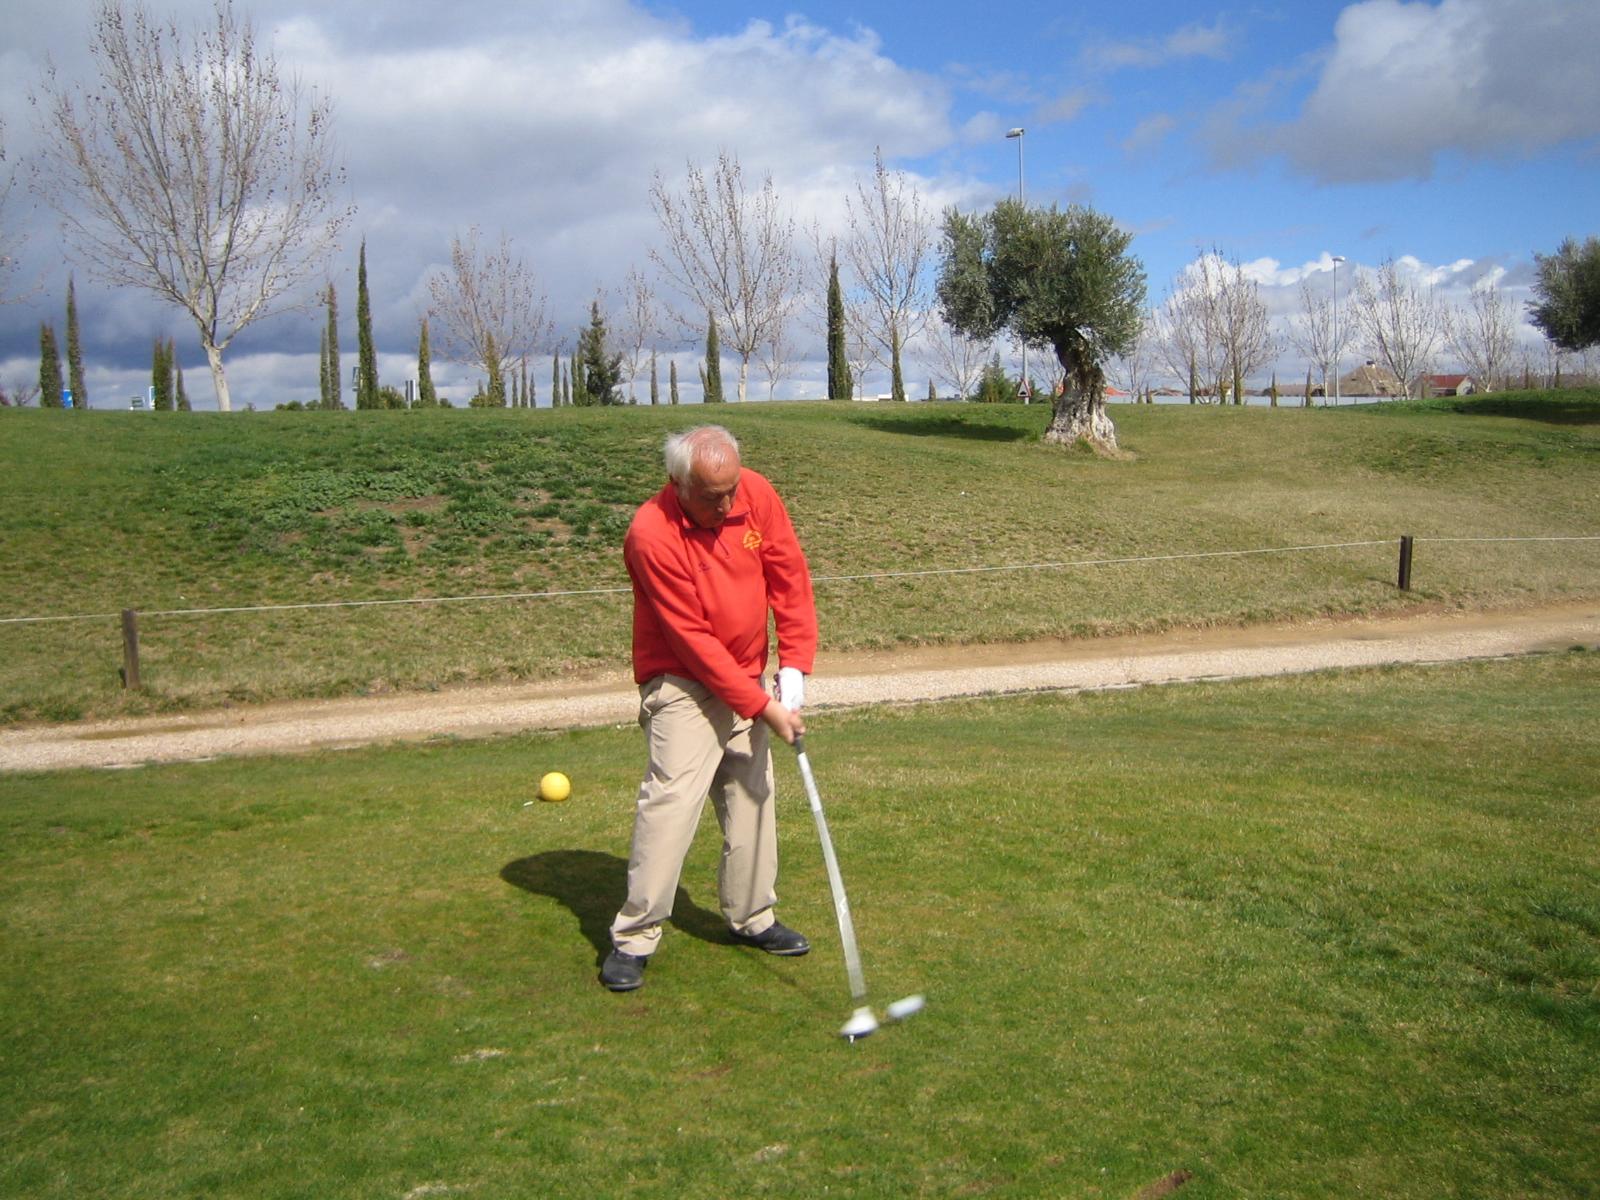 El putt de golpe y medio 4 prueba de golf adaptado for Golf jardin de aranjuez